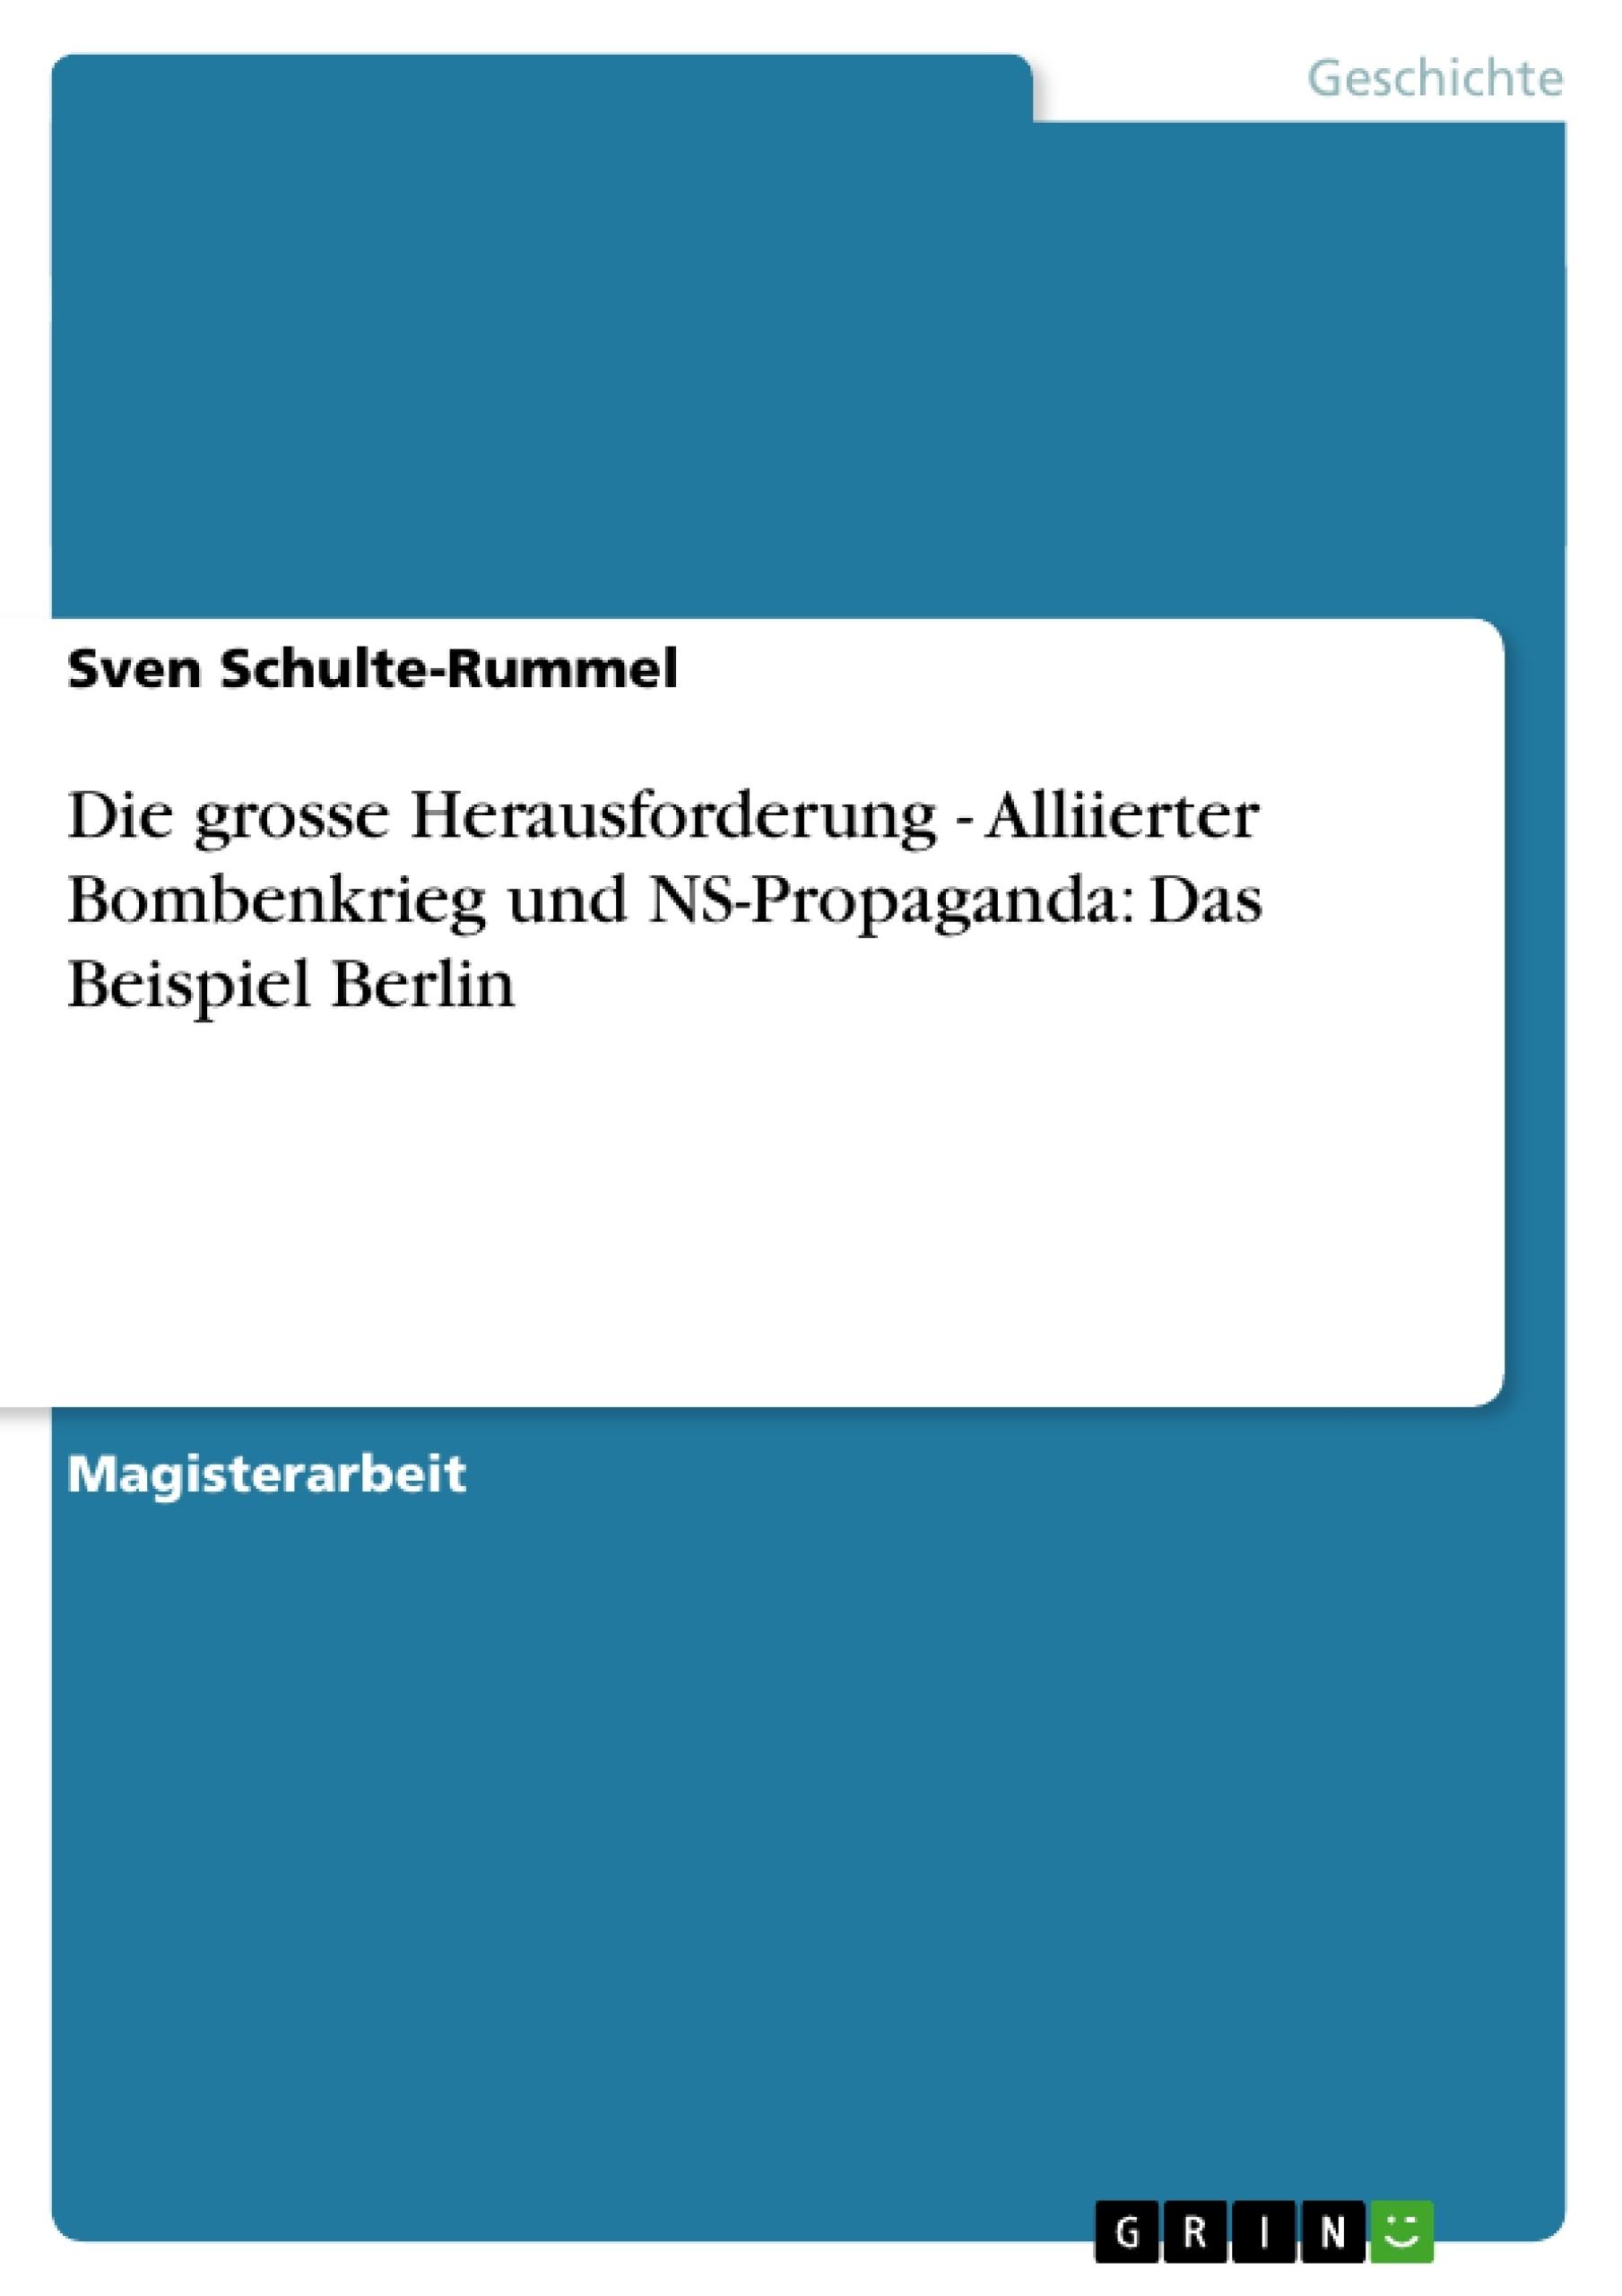 Titel: Die grosse Herausforderung - Alliierter Bombenkrieg und NS-Propaganda: Das Beispiel Berlin